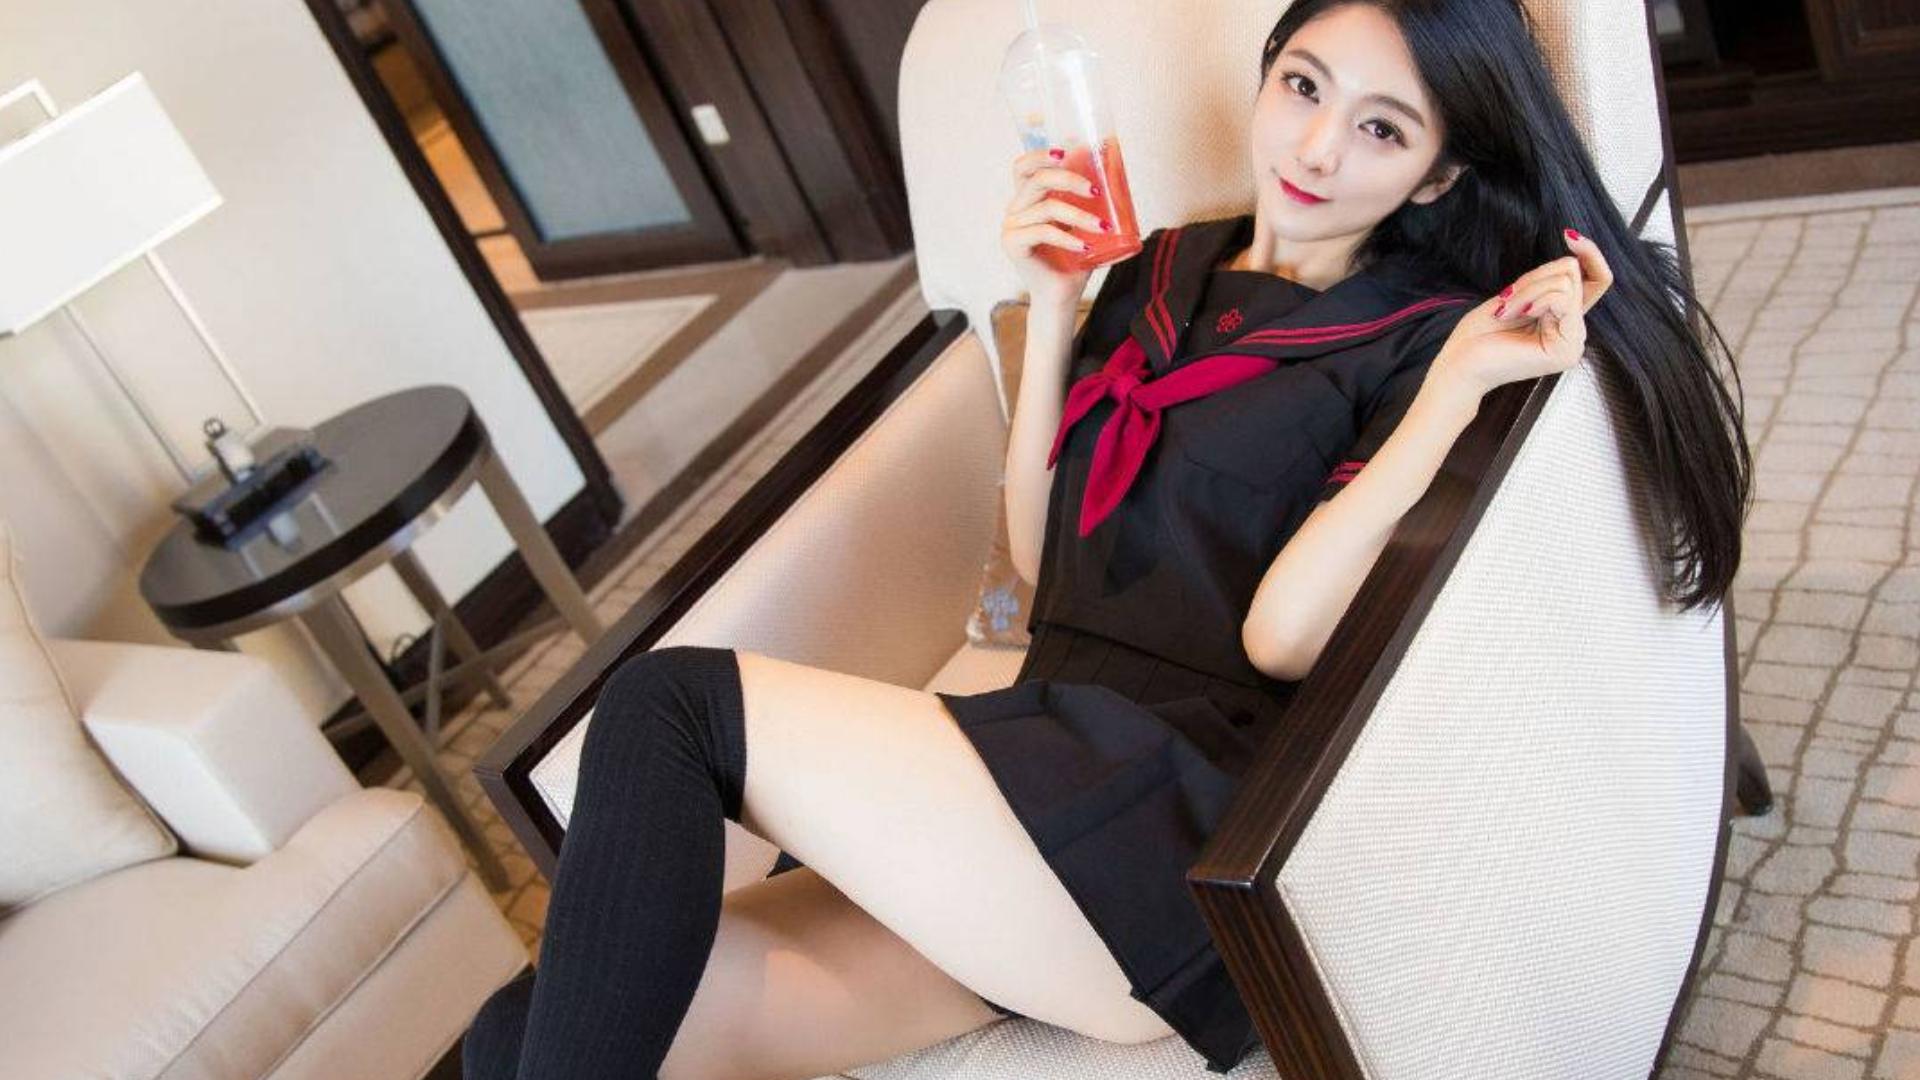 现伇 J K 美少女♛宝多六花cosplay,JK制服你瞅瞅看